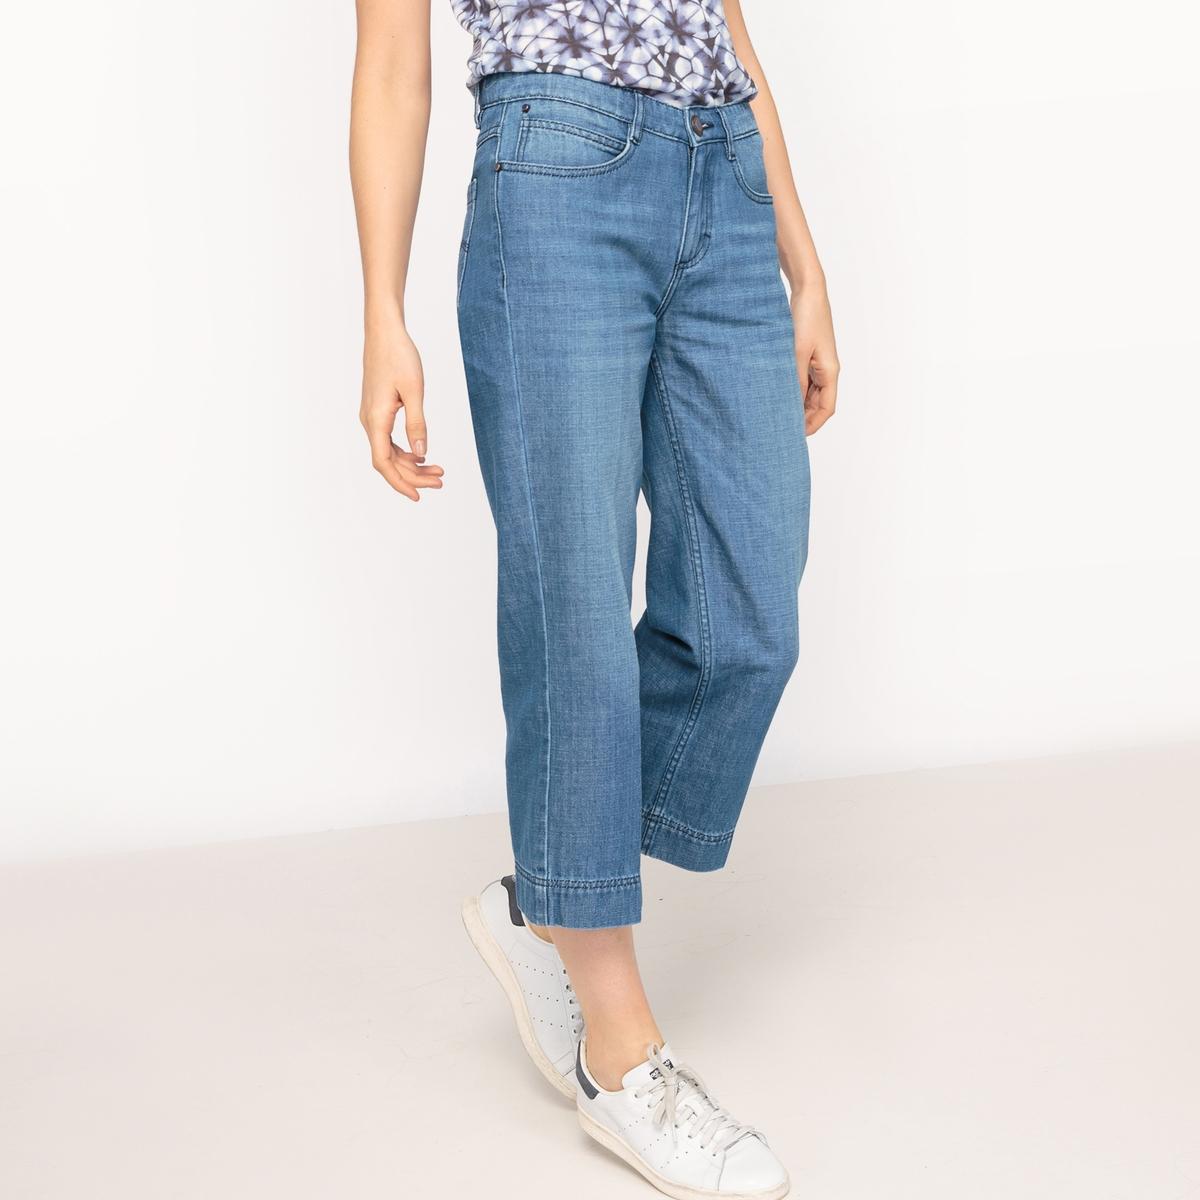 Юбка-брюки оригинальная, однотонная